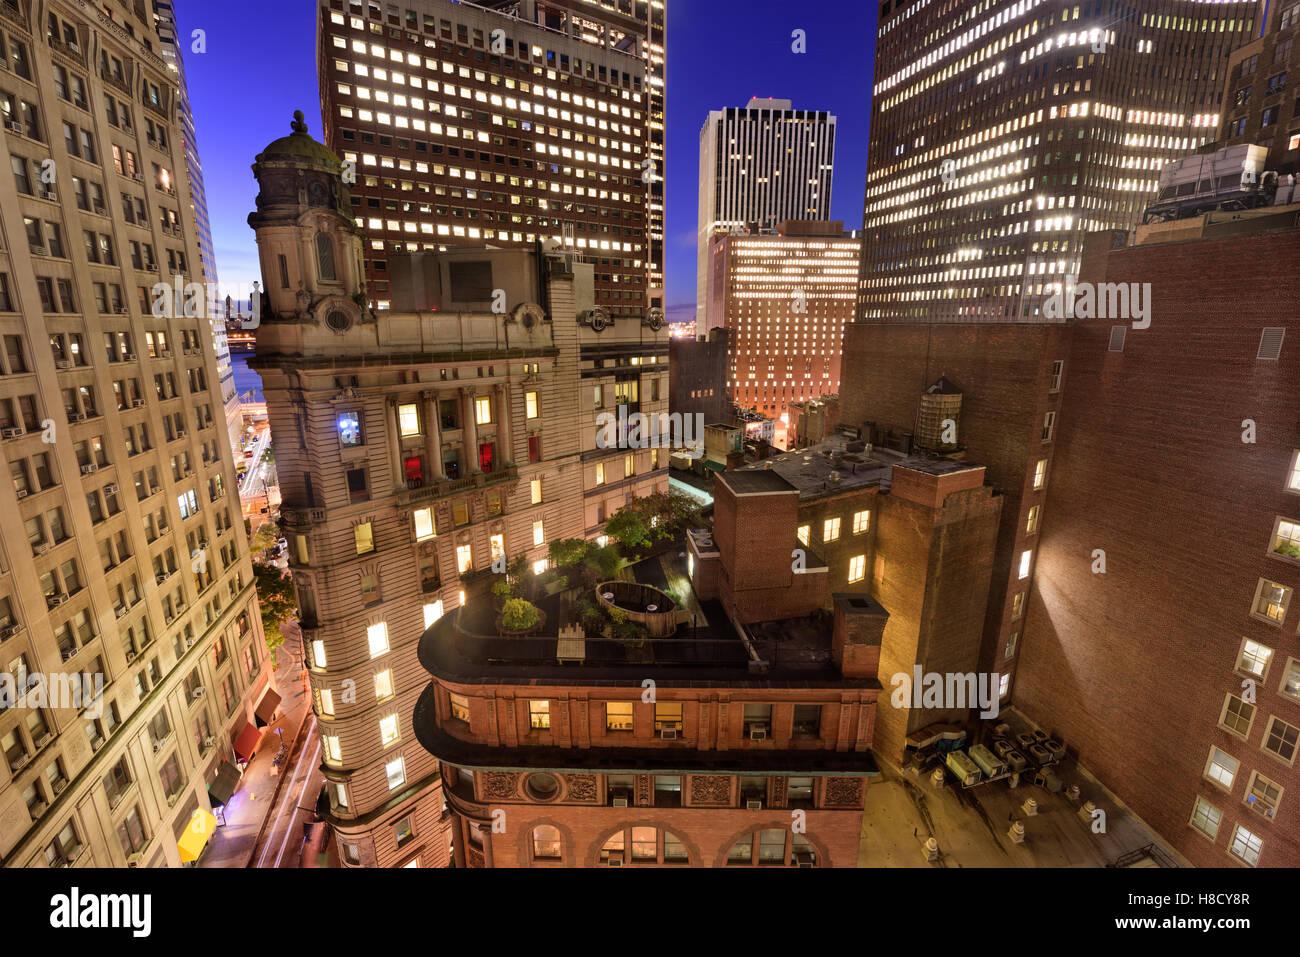 Bankenviertel Stadtbild mit neuer und Alter Architektur in New York City. Stockbild